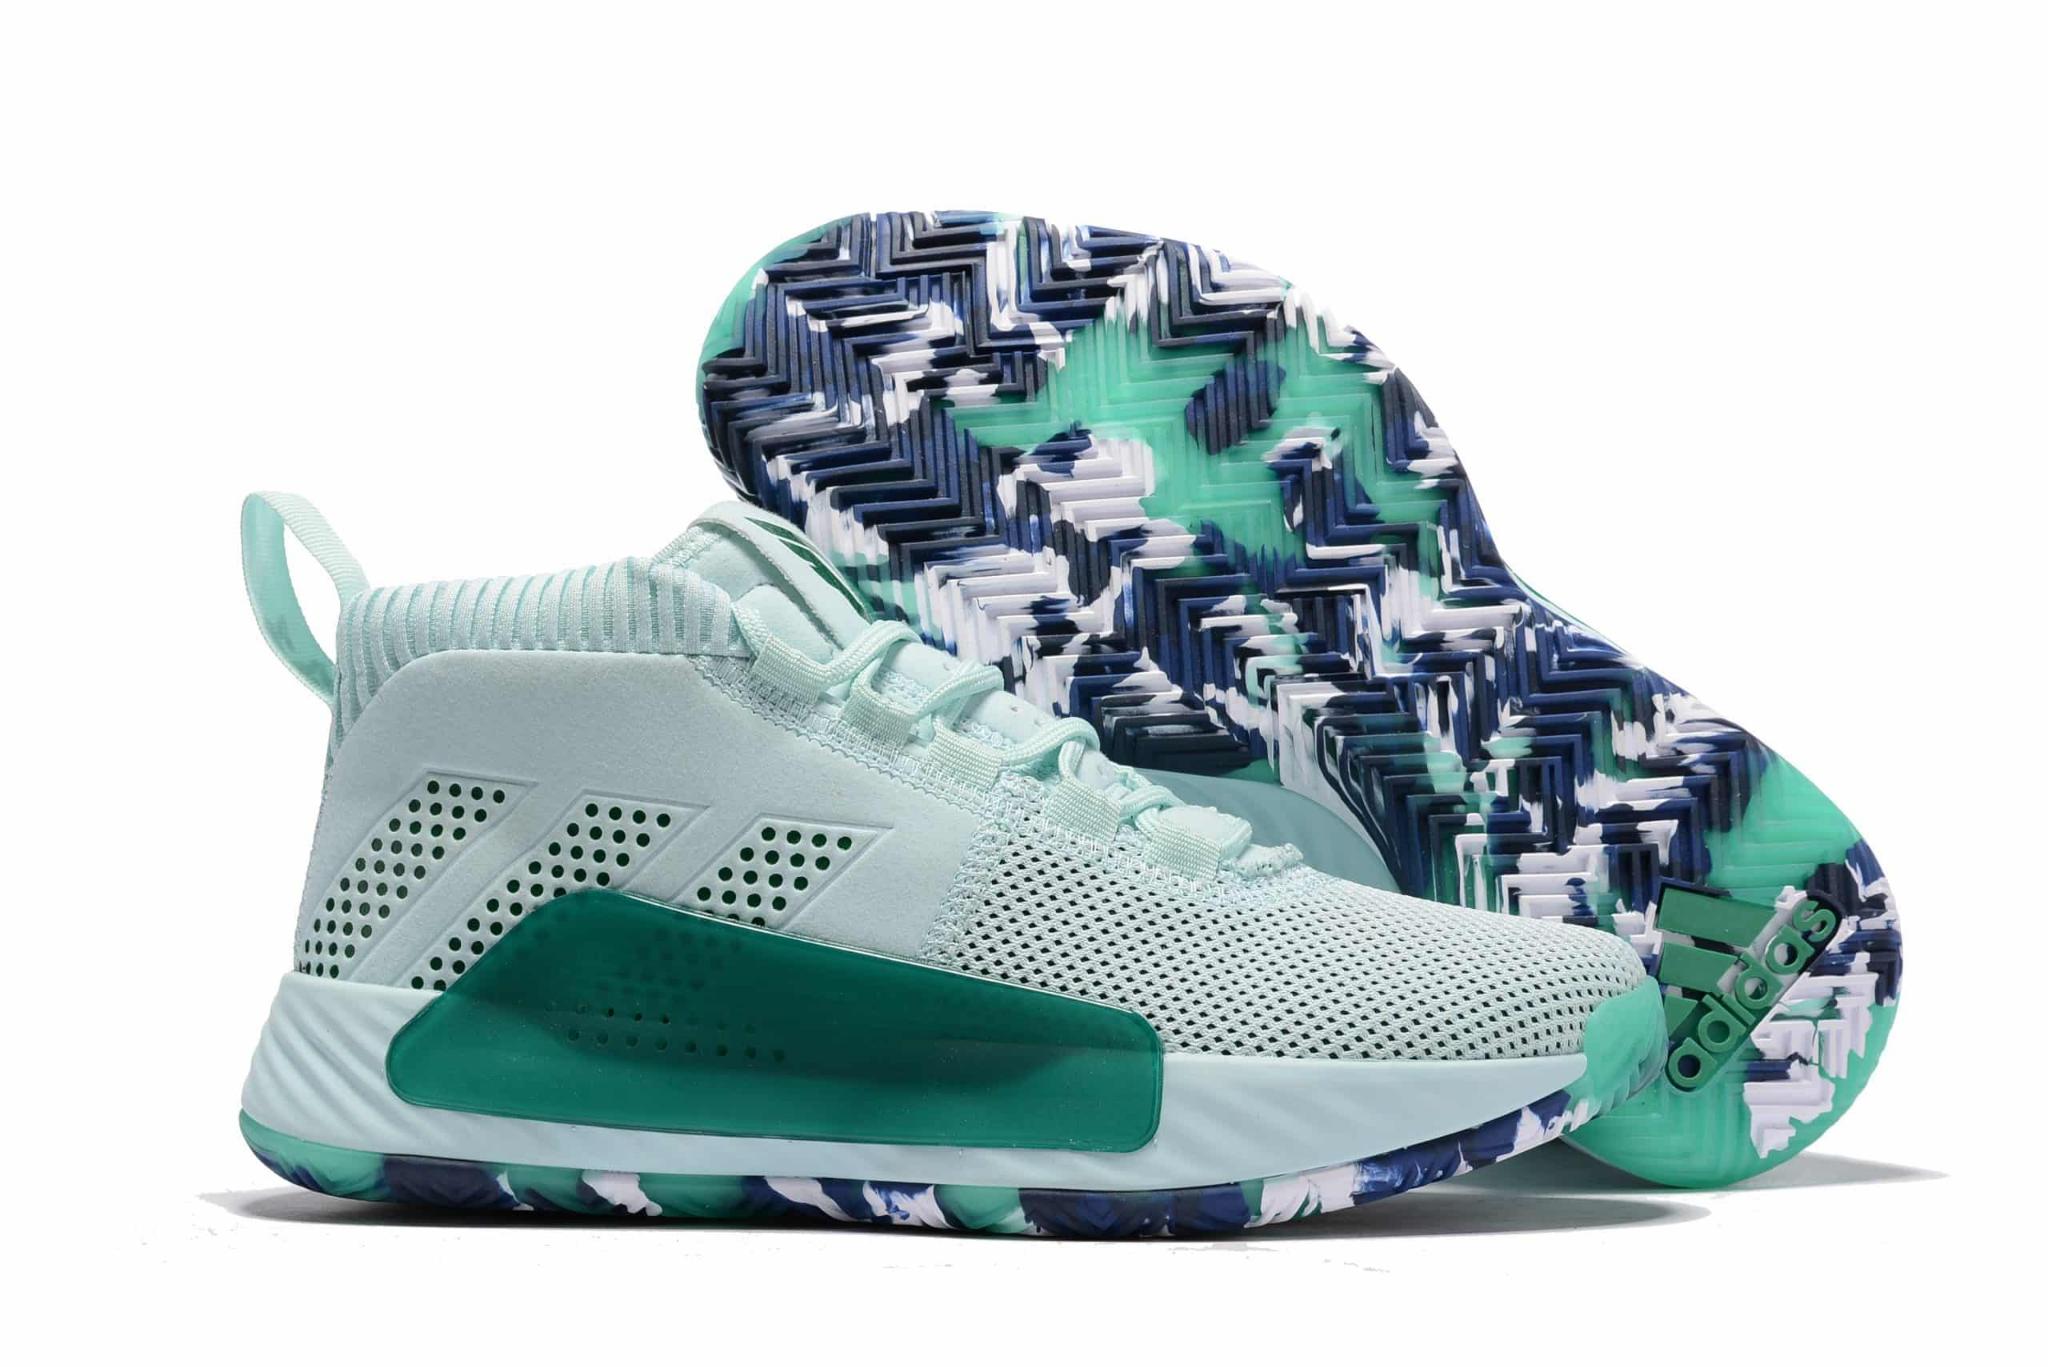 Giày bóng rổ chơi outdoor